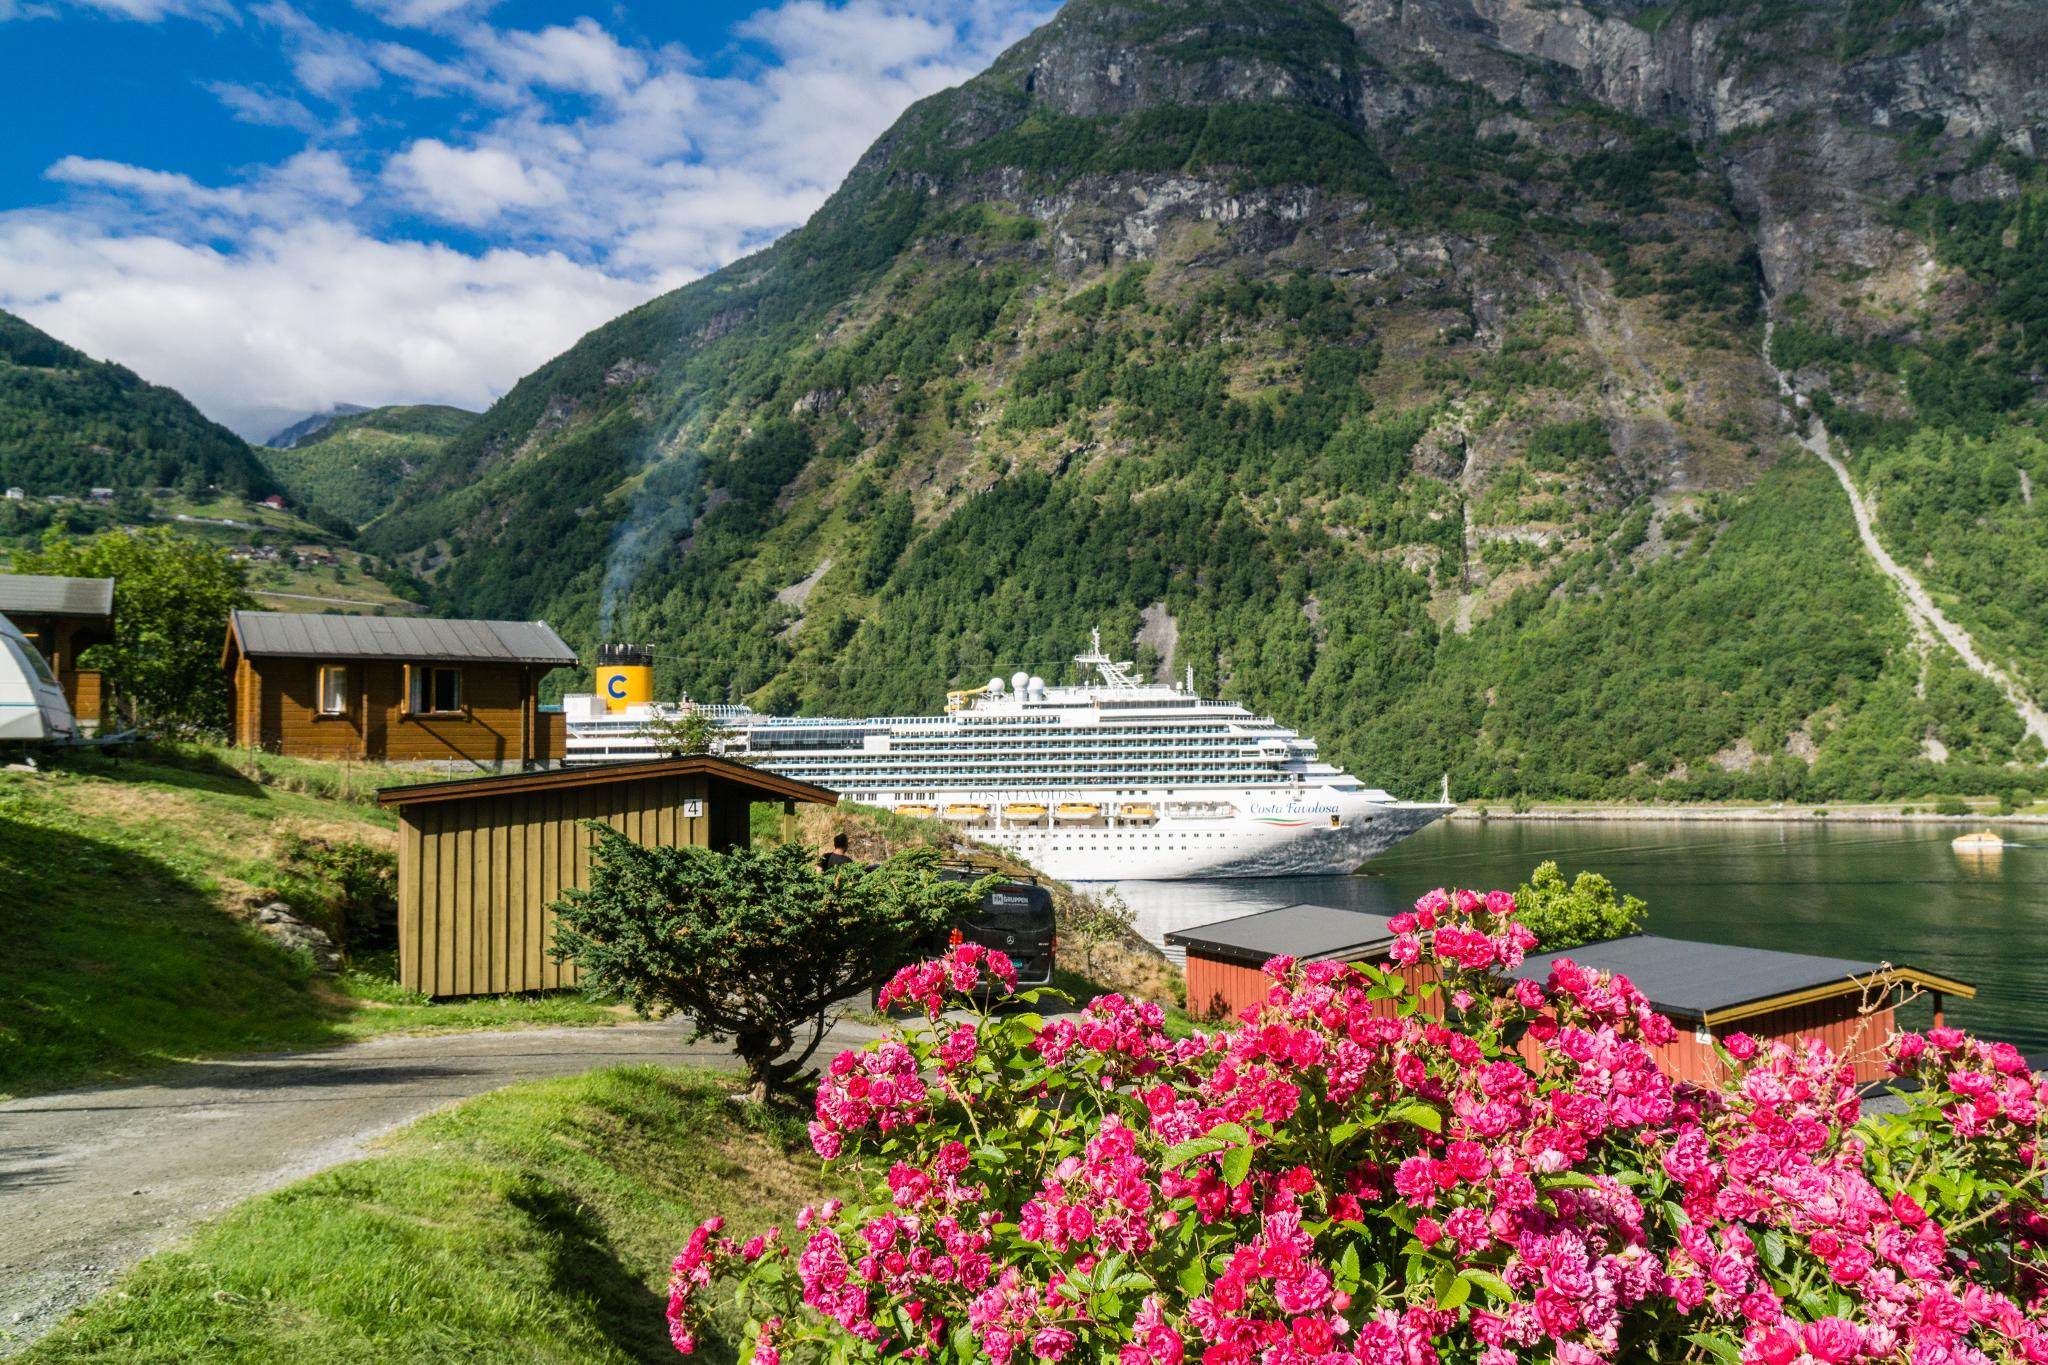 【北歐景點】Ørnesvingen 老鷹之路 ∣ 挪威世界遺產 — 蓋倫格峽灣景點總整理 22